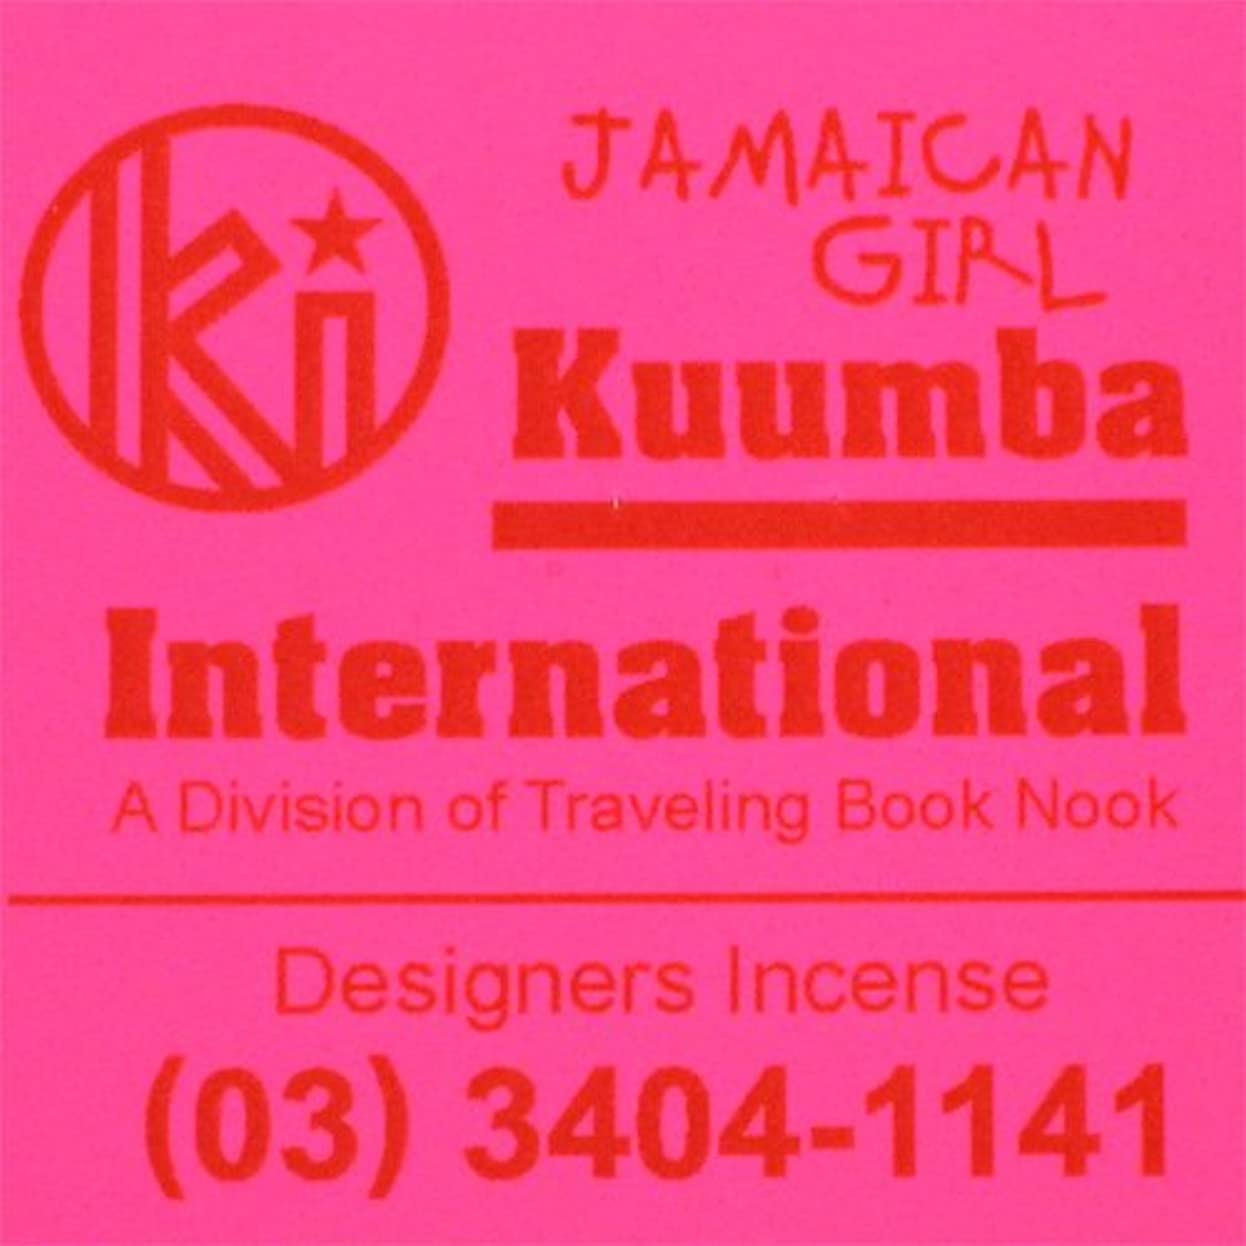 ベテラン接尾辞尋ねるKUUMBA / クンバ『incense』(JAMAICAN GIRL) (Regular size)